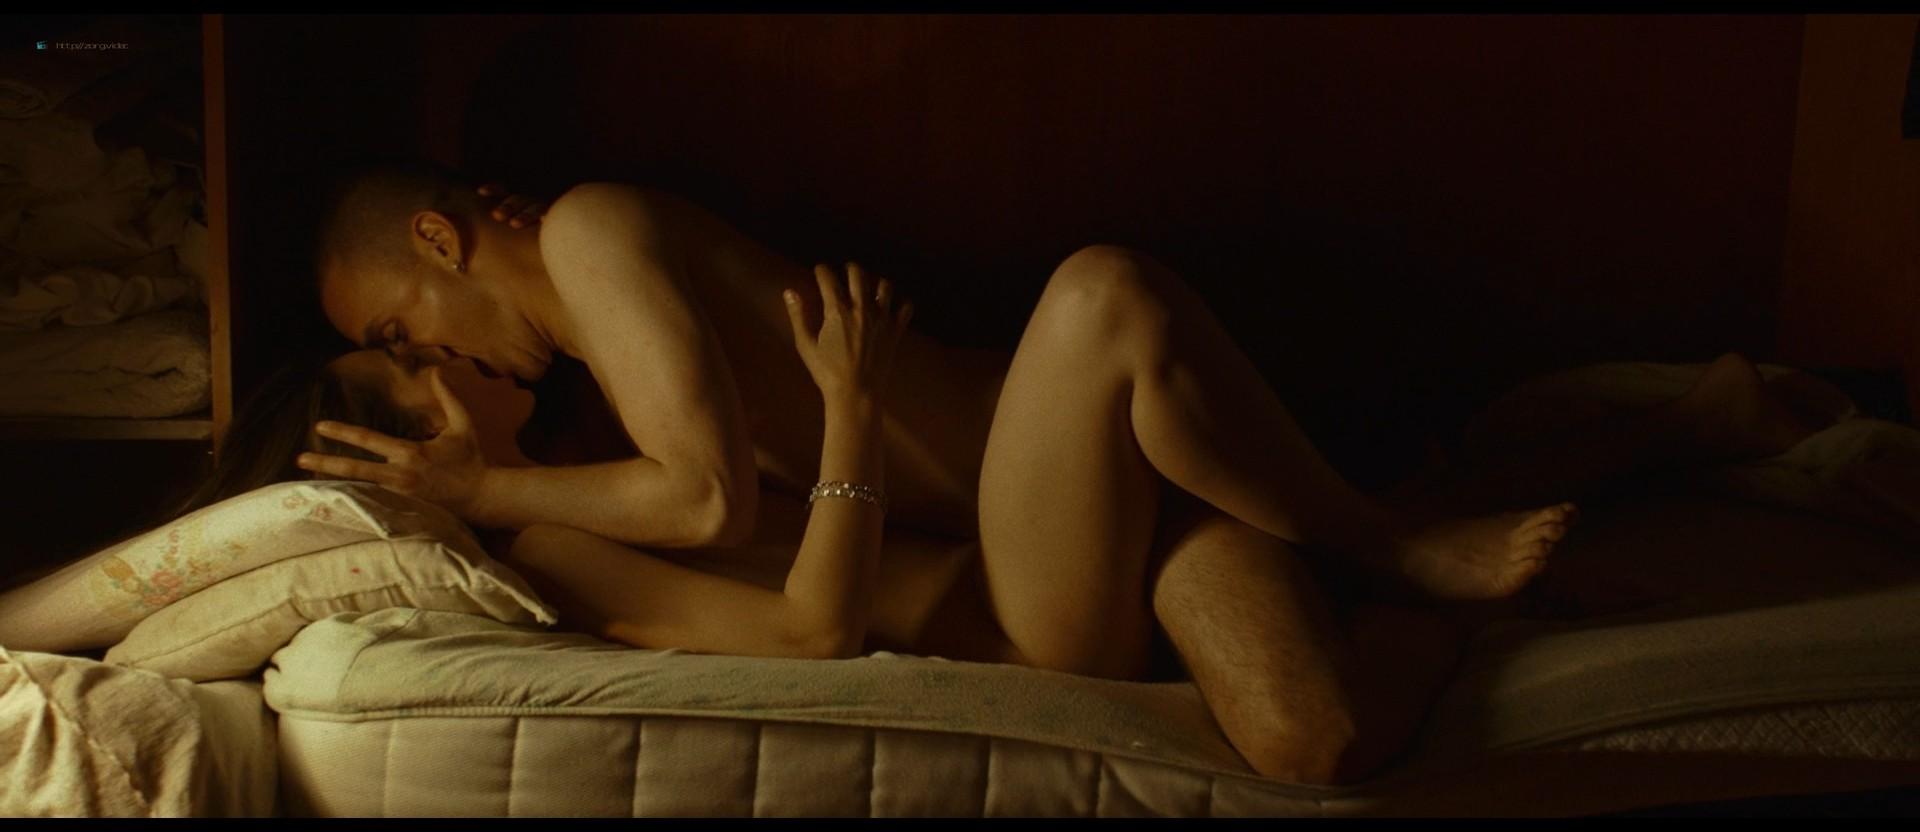 Michela De Rossi nude topless and hot sex - La Terra dell'abbastanza (IT-2018) HD 1080p BluRay (5)